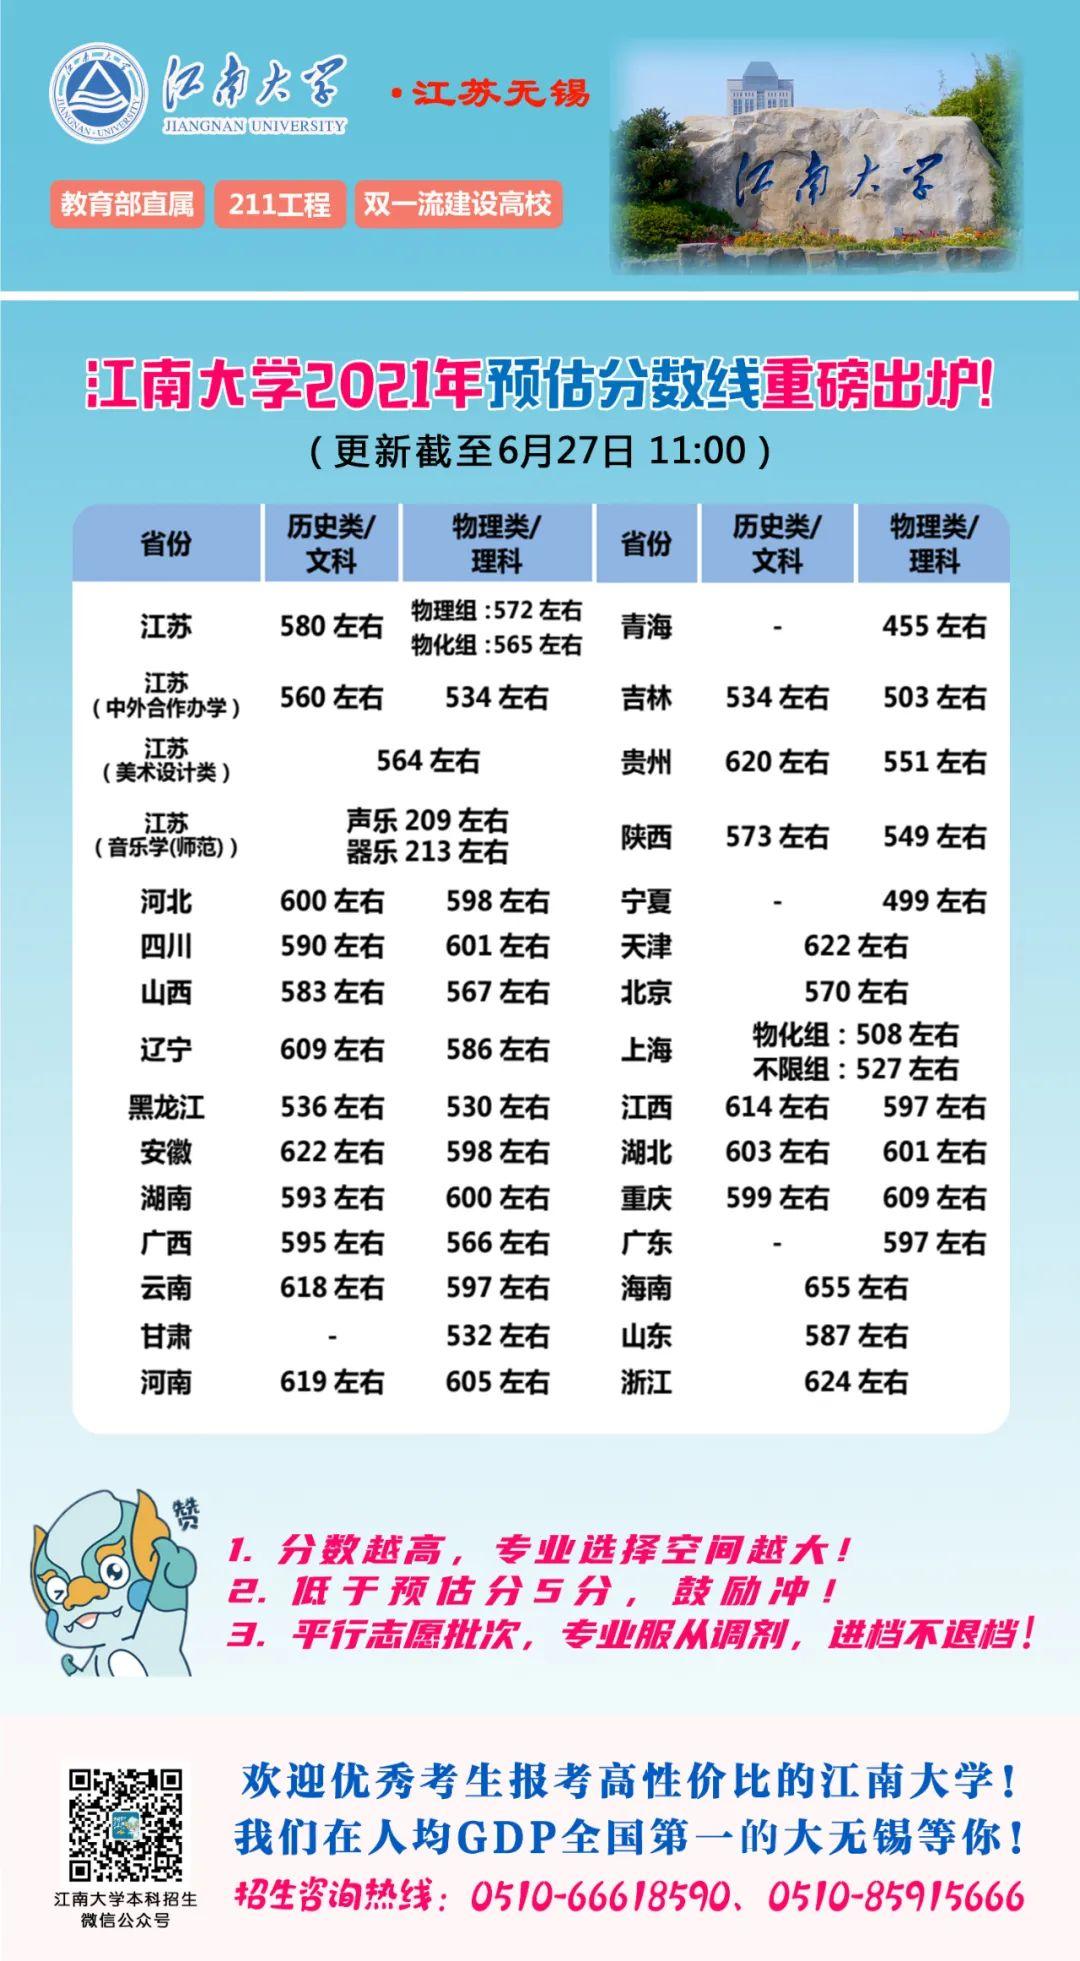 最新!江南大学2021年预估分数线发布,欢迎报考!